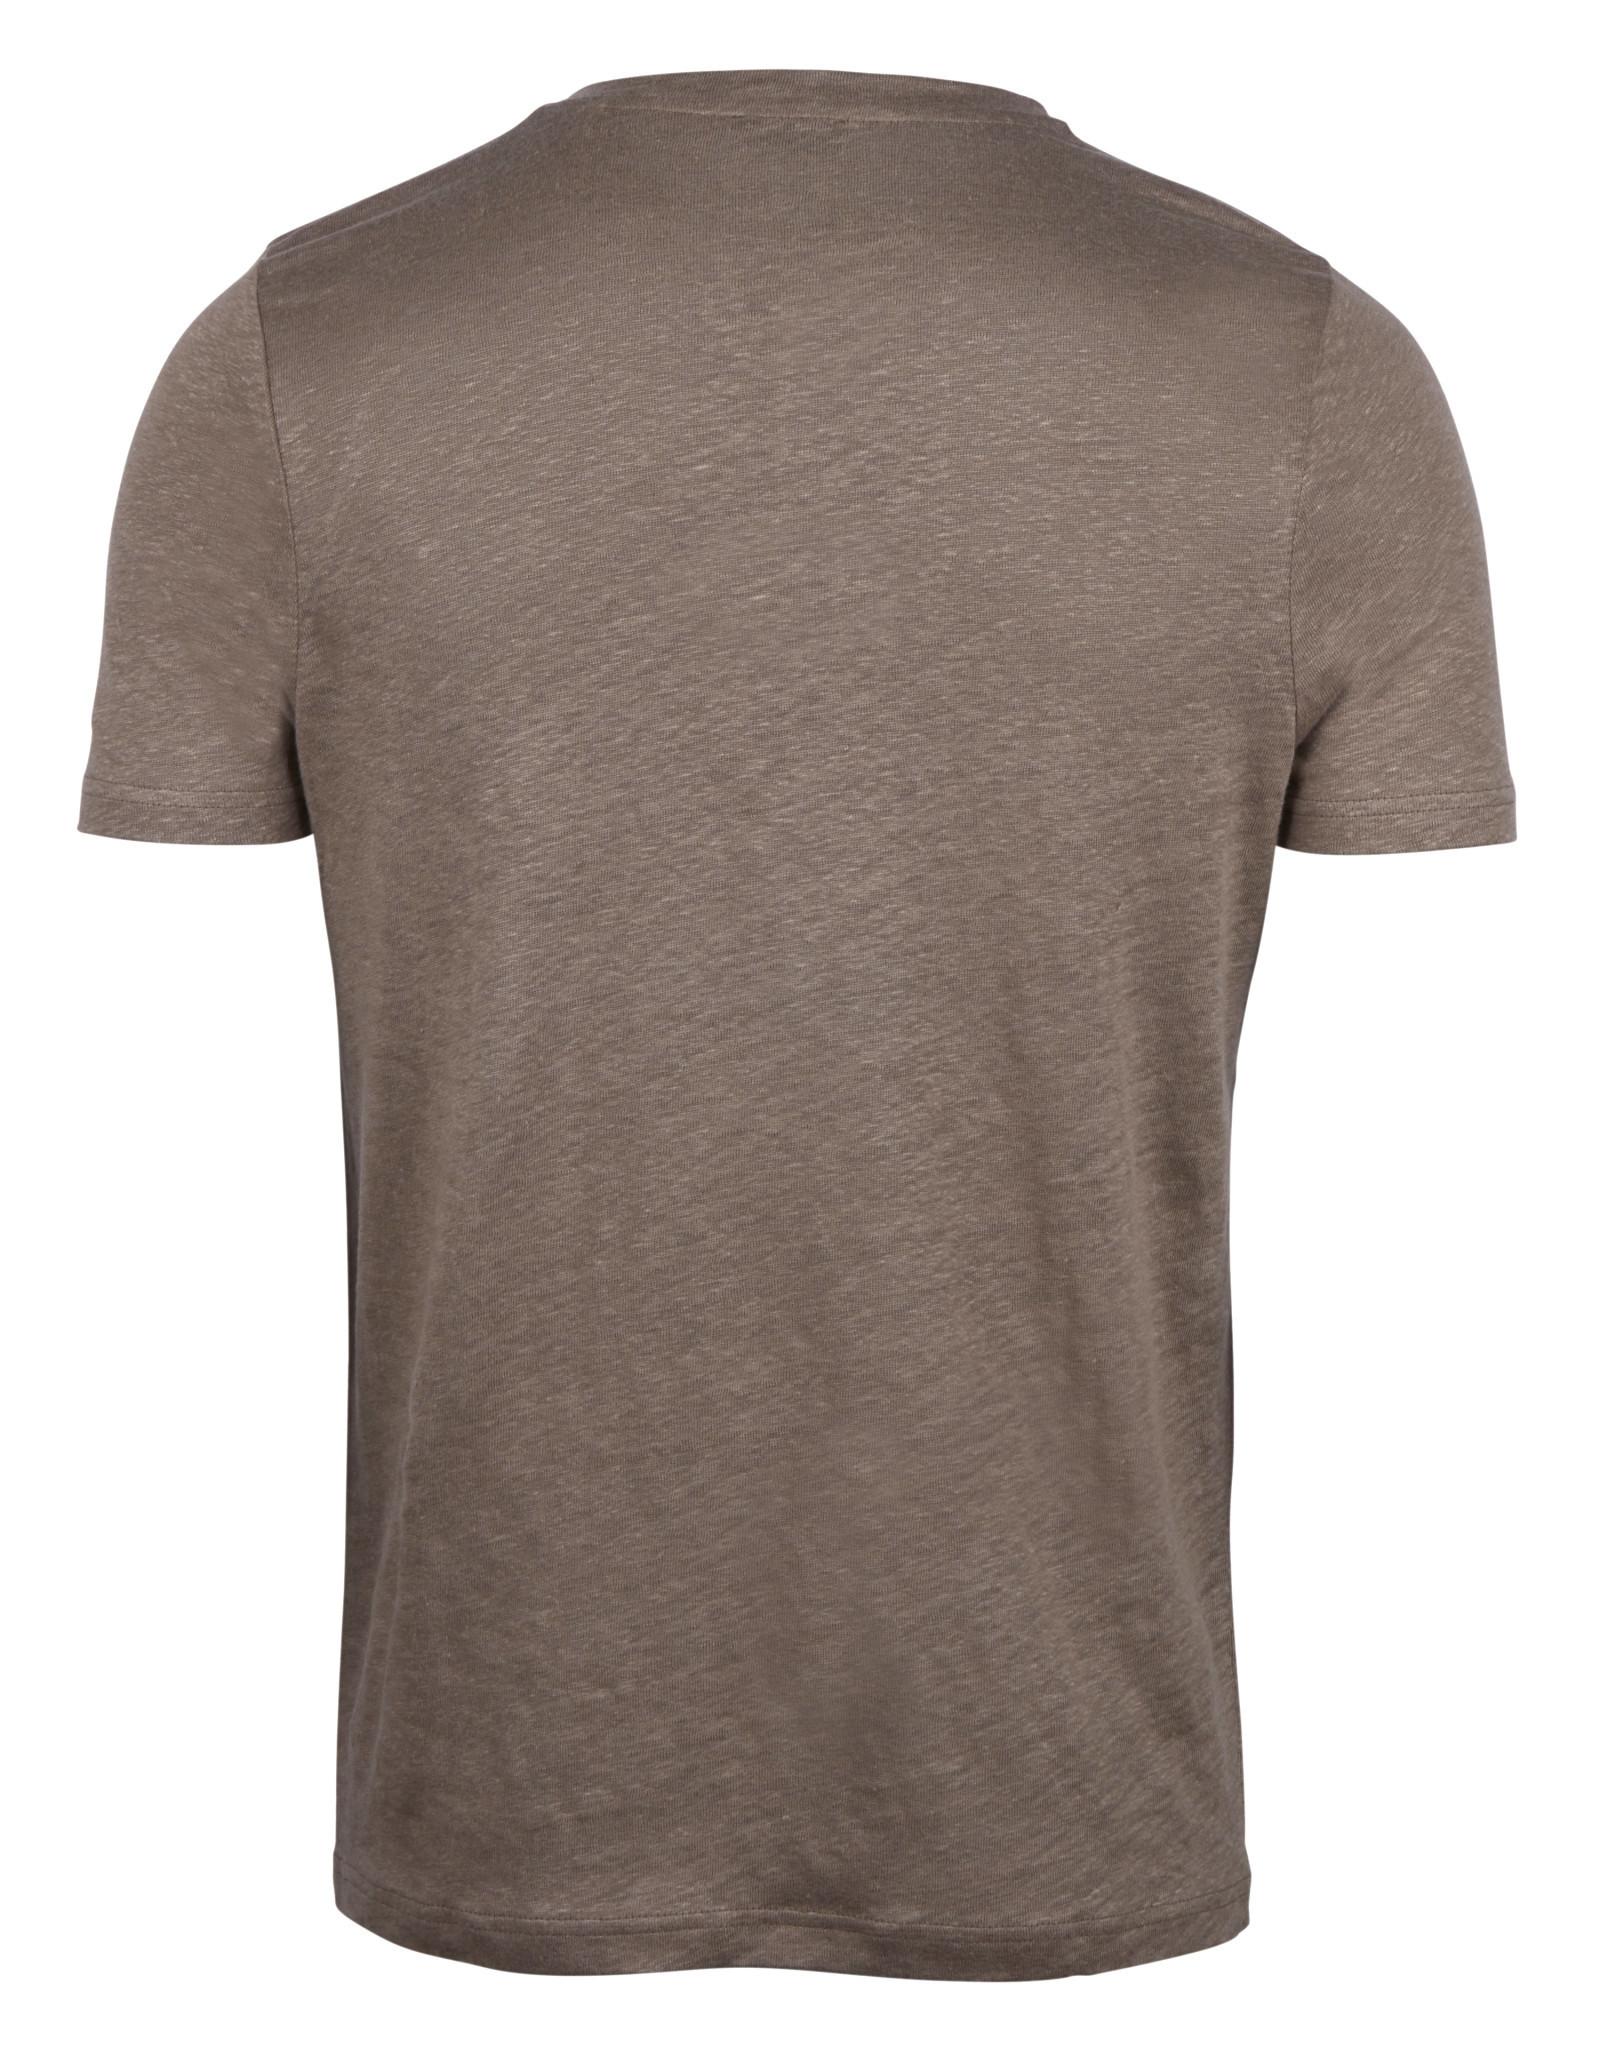 Stenströms Stenströms T-shirt beige 440038-2462/260